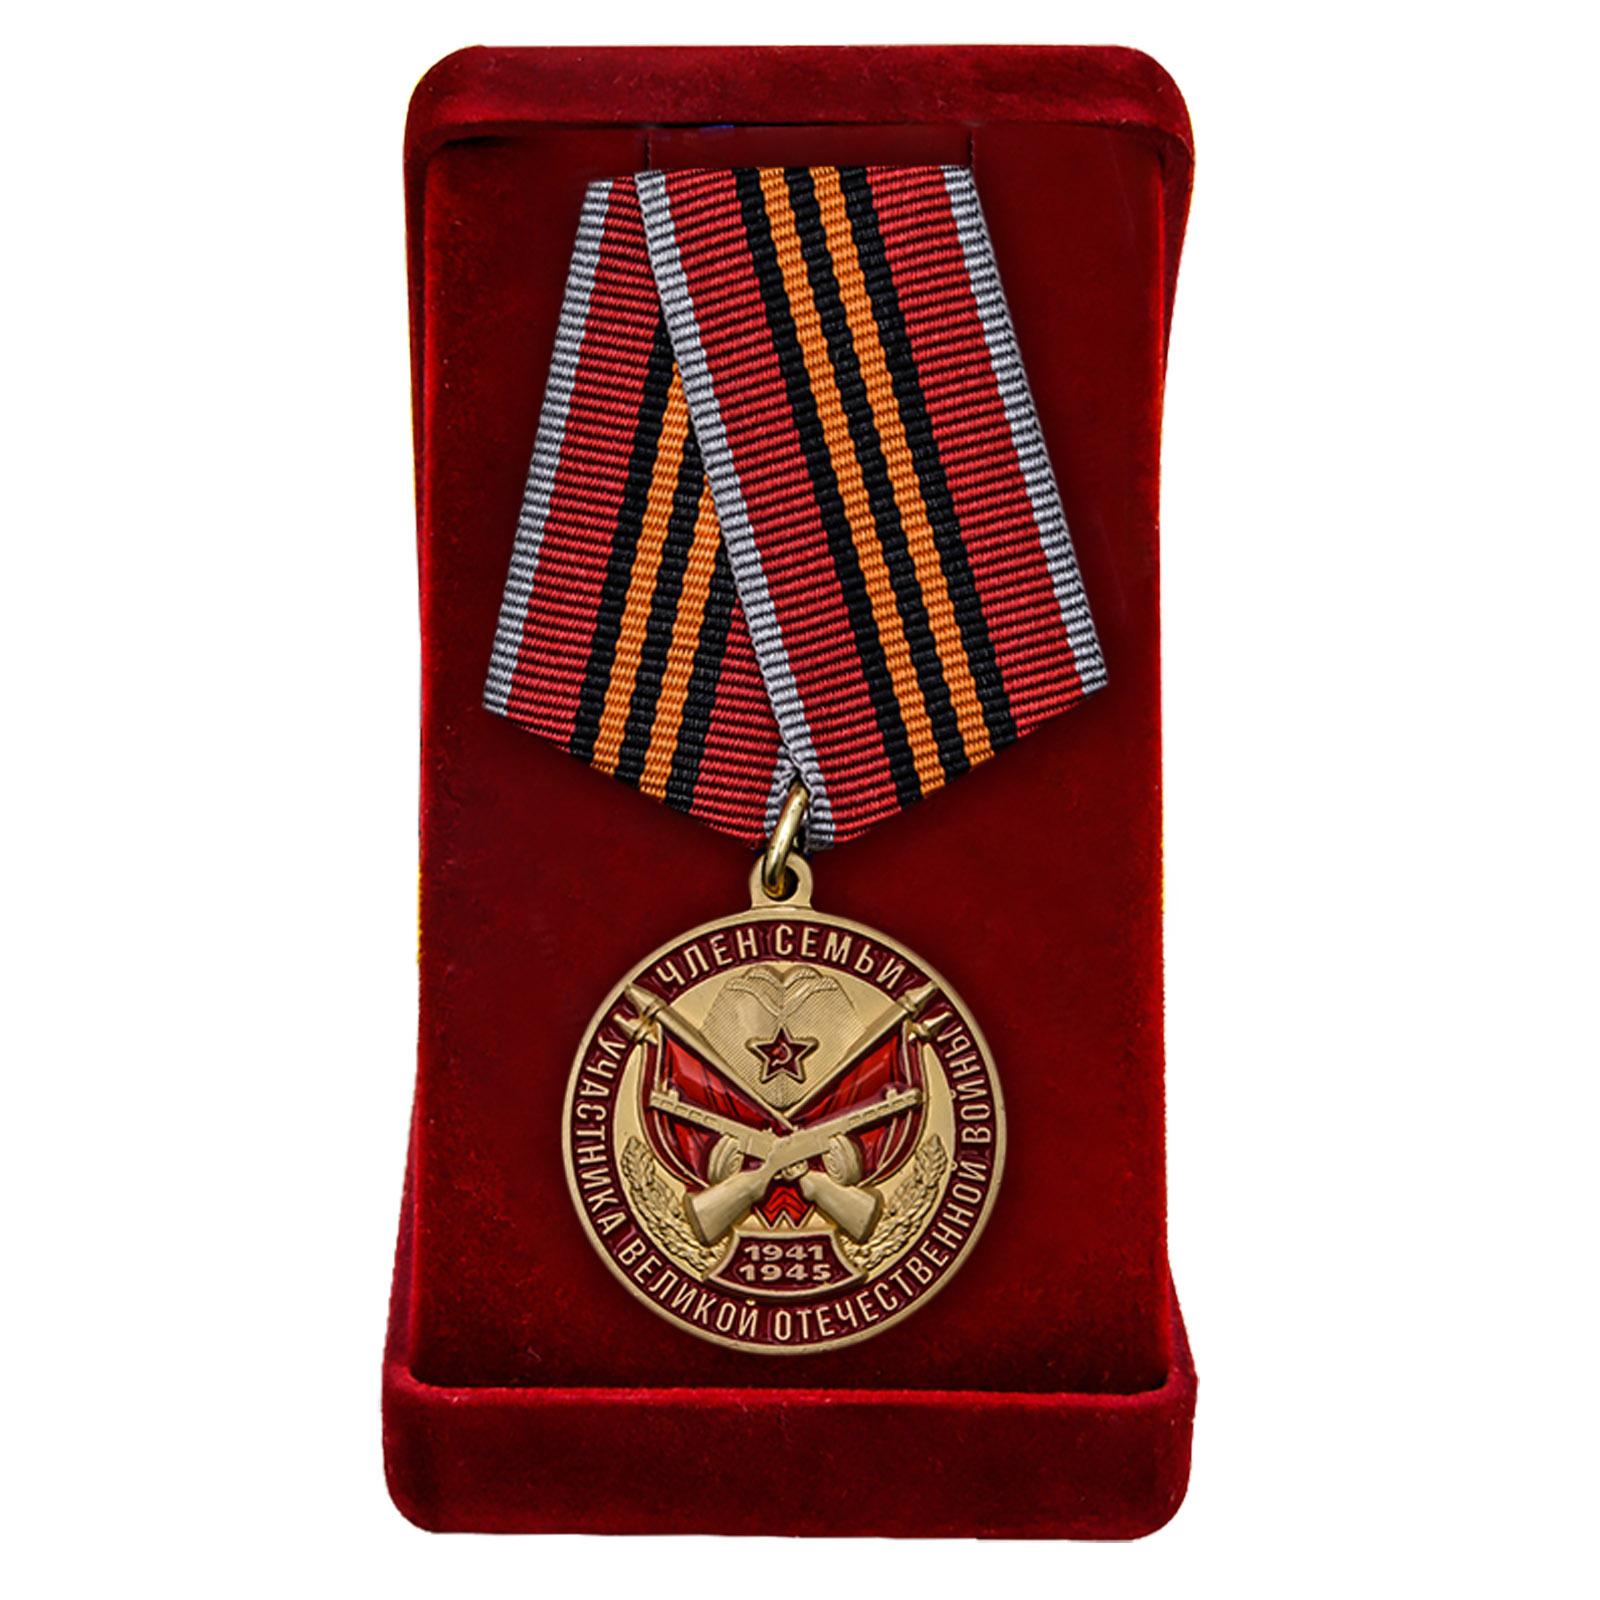 Купить памятную медаль Член семьи участника ВОВ выгодно оптом